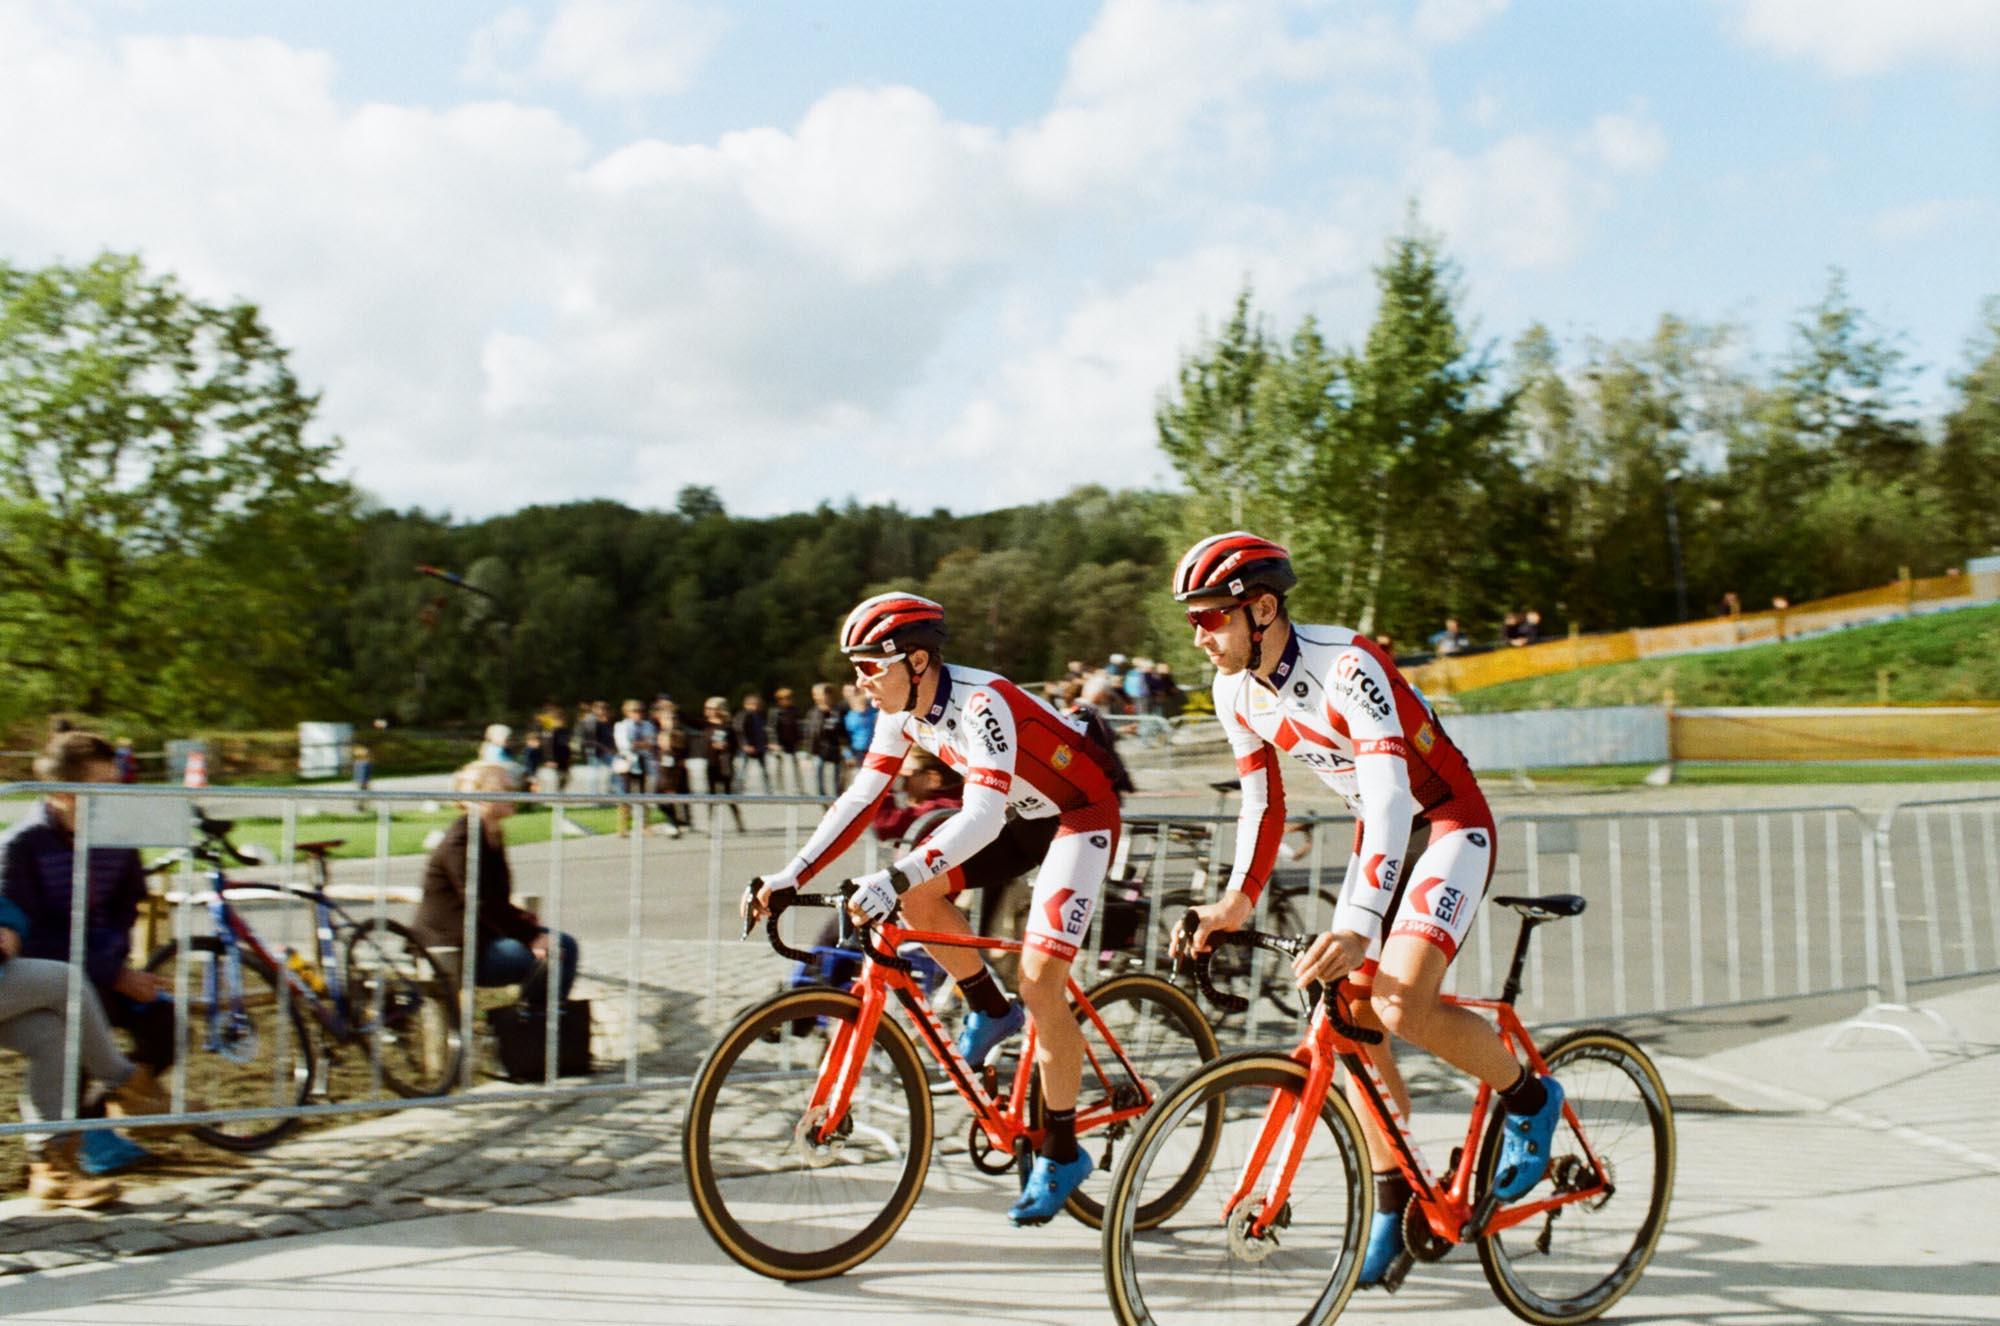 met helmets cyclocross era circus 000469090010